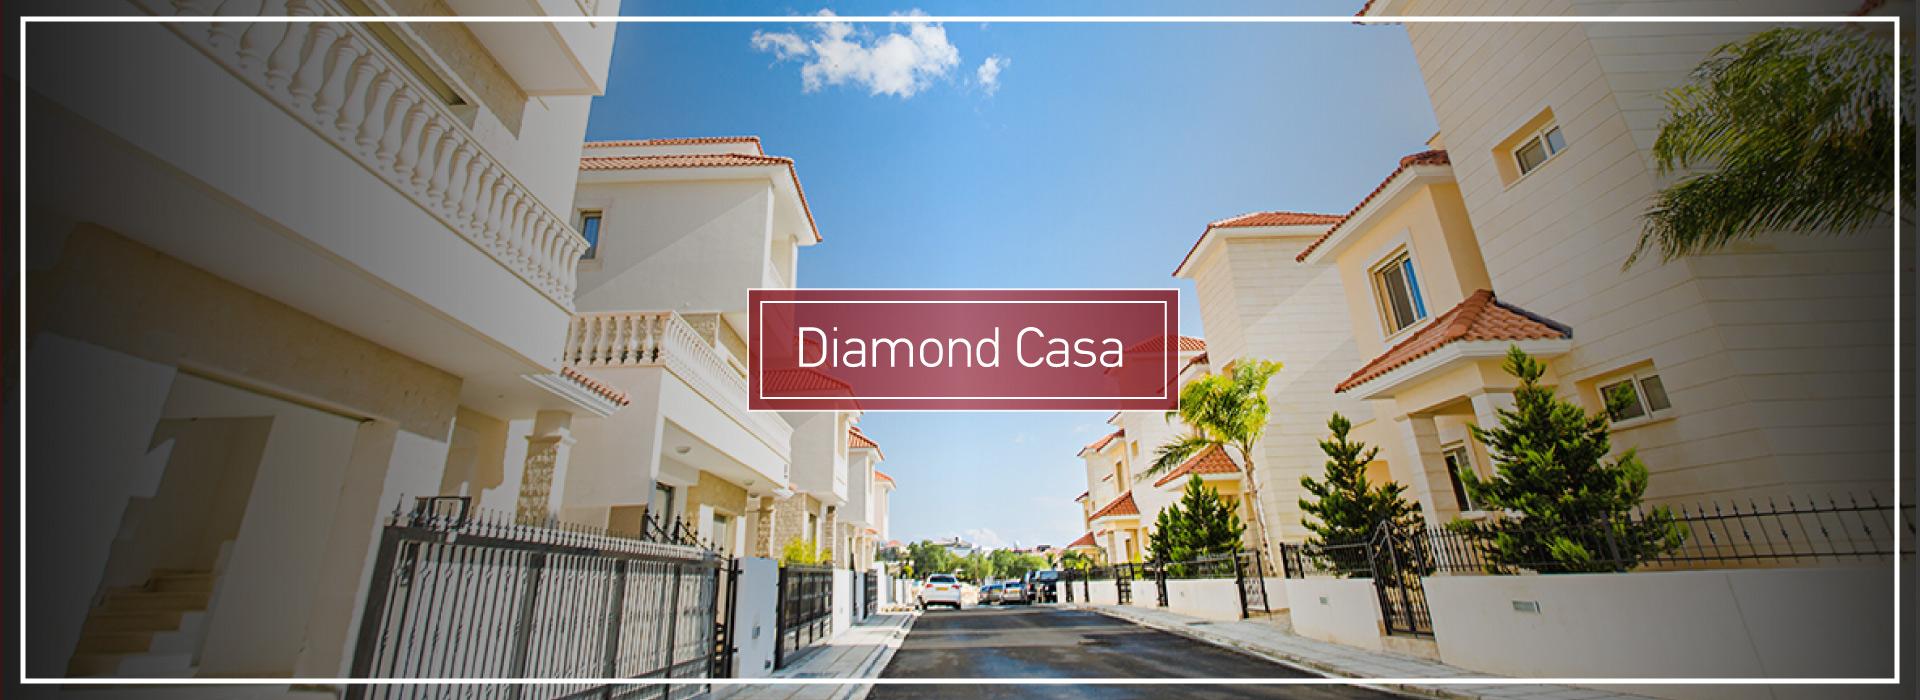 DIAMOND CASA